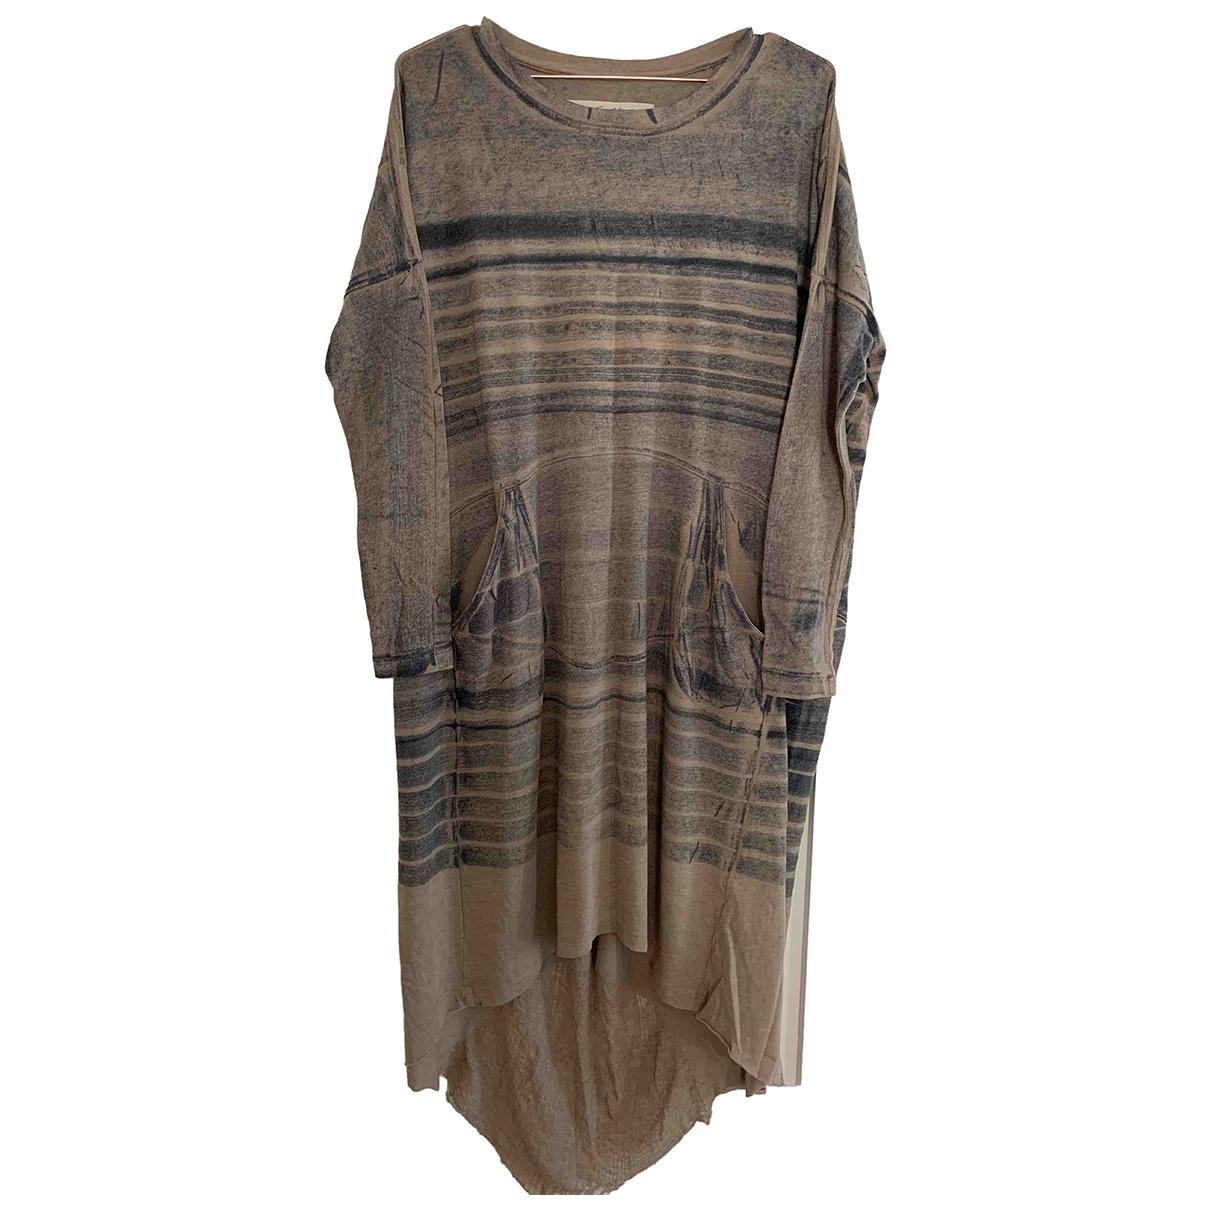 Raquel Allegra \N Beige Cotton dress for Women 1 US